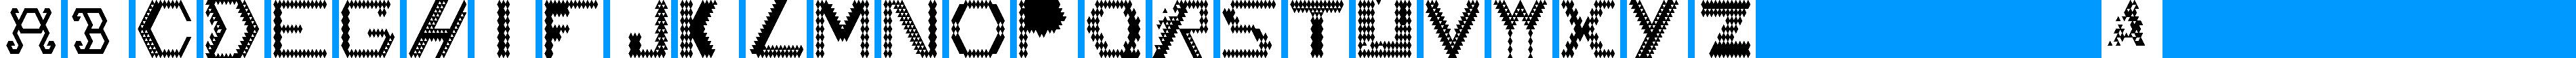 Particip-a-type v.170